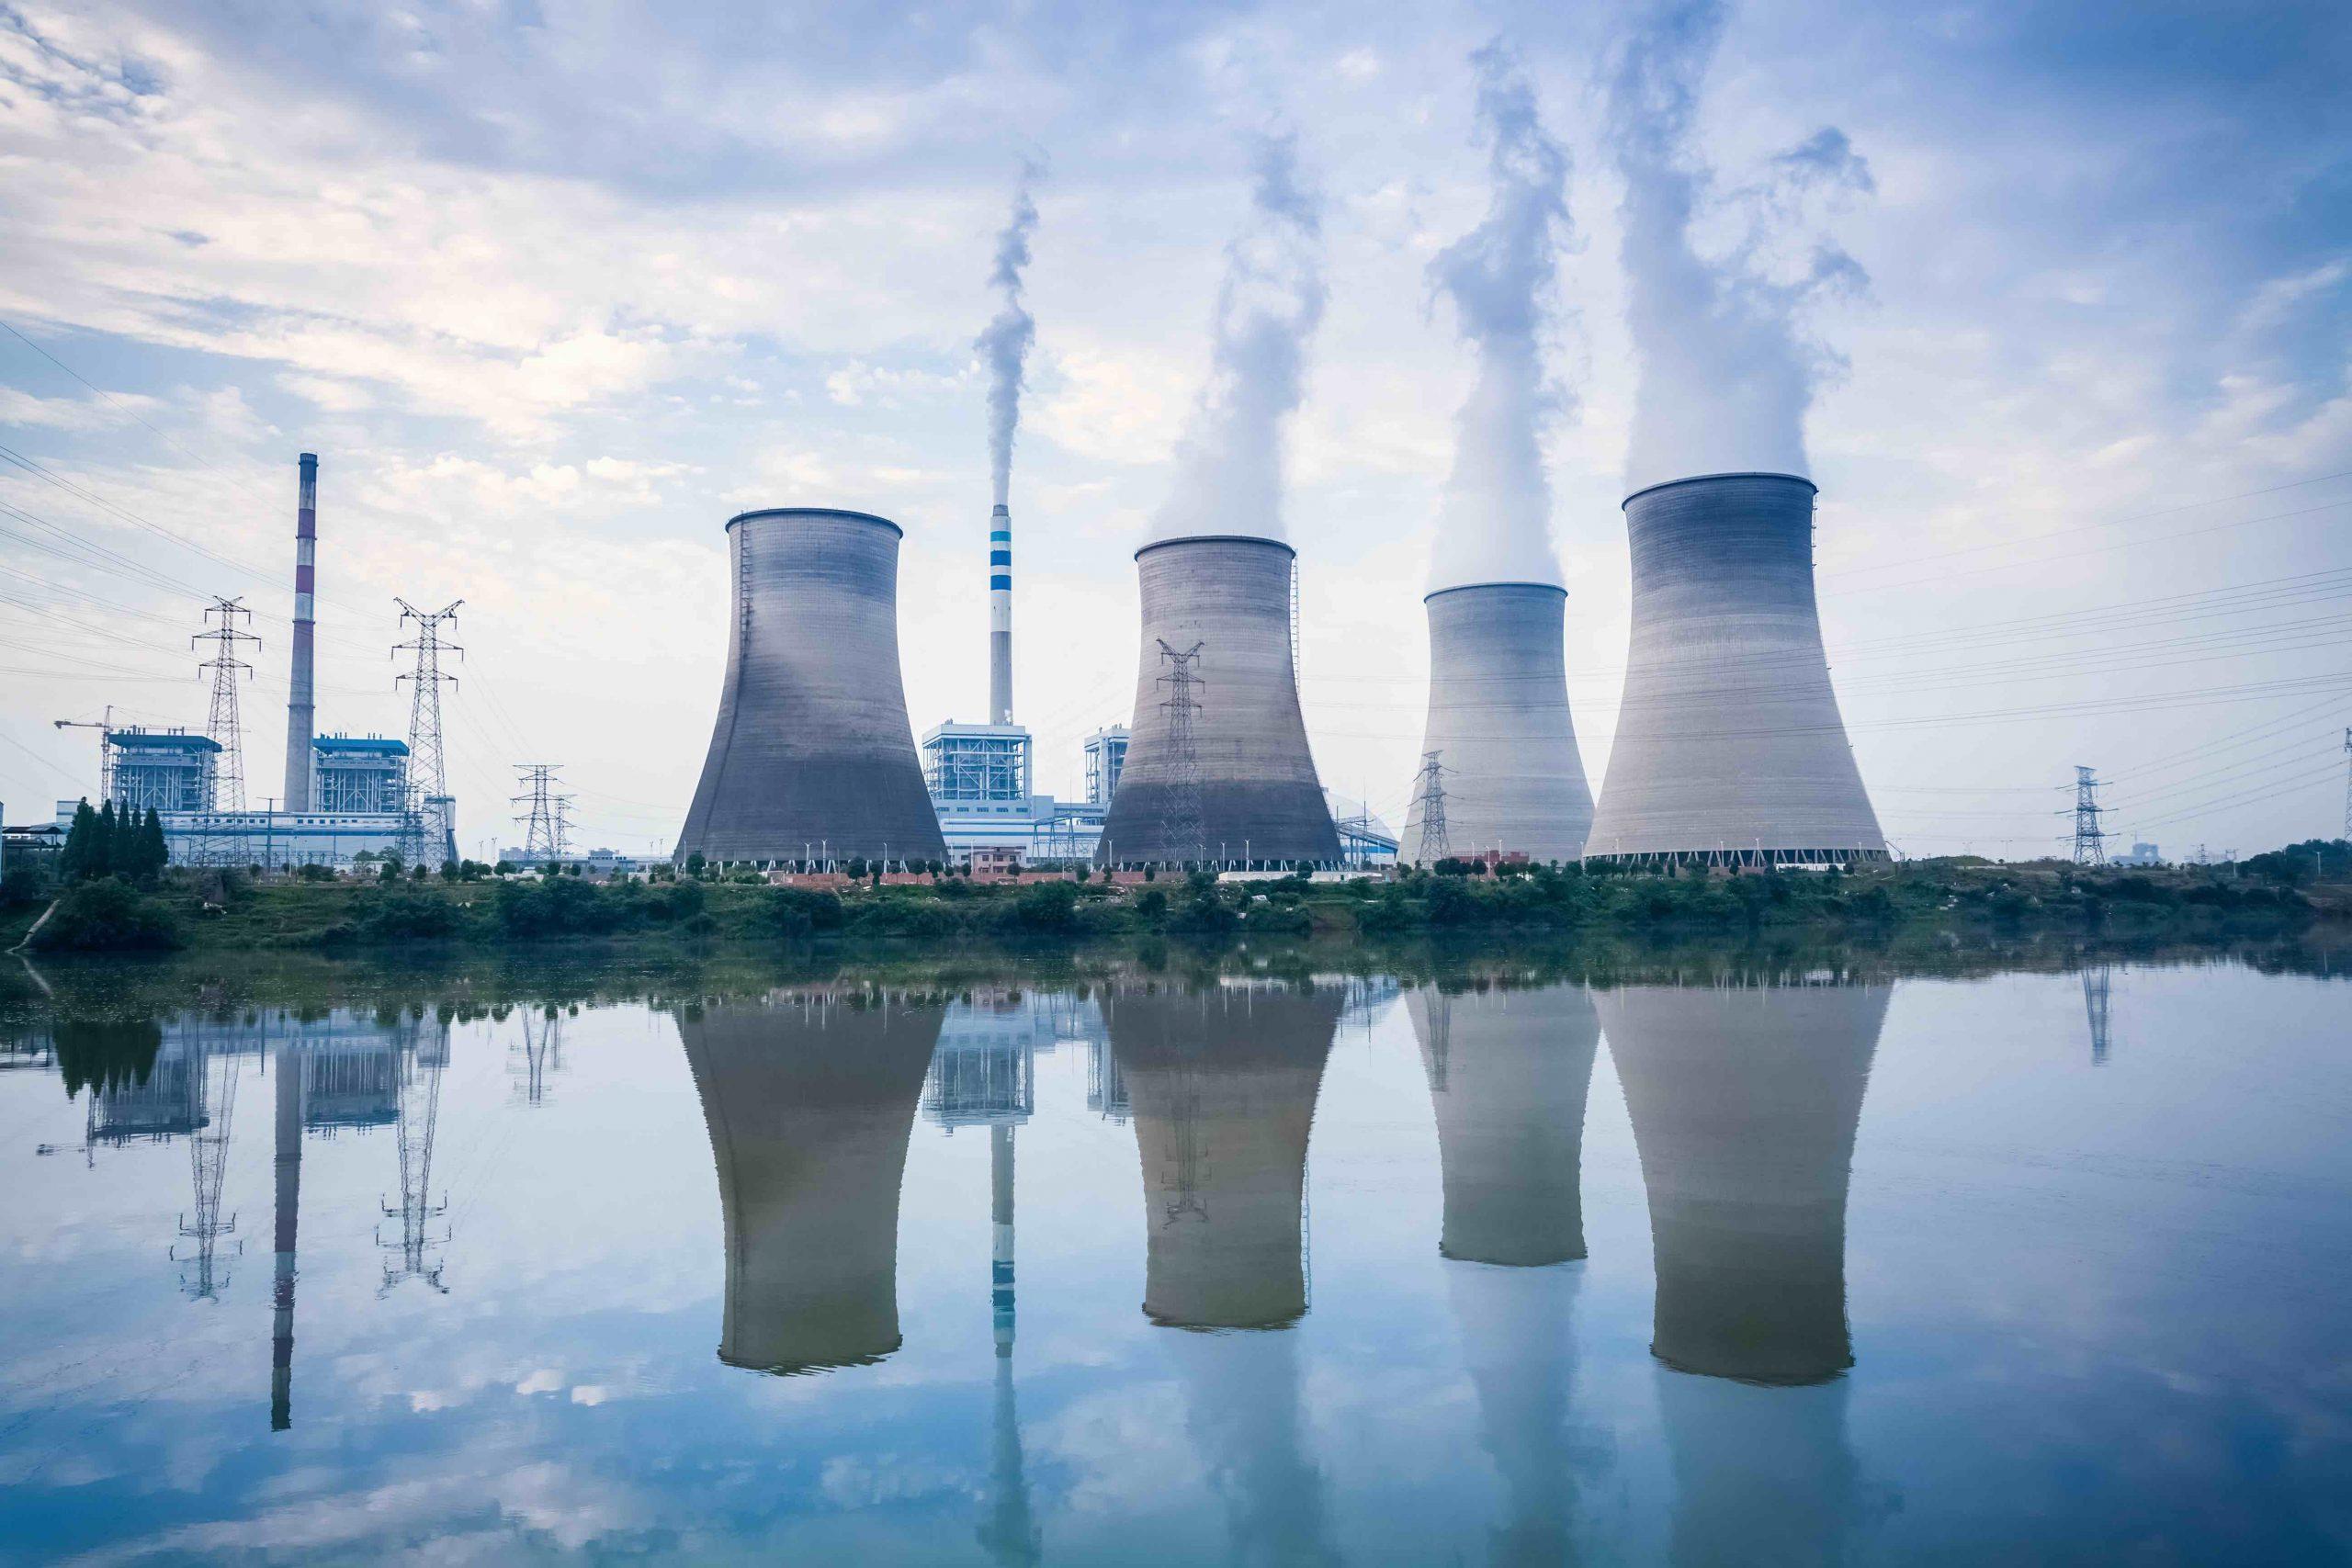 YENİ RAPOR: Dünyada planlanan kömürlü termik santral sayısı 4 yıldır azalıyor